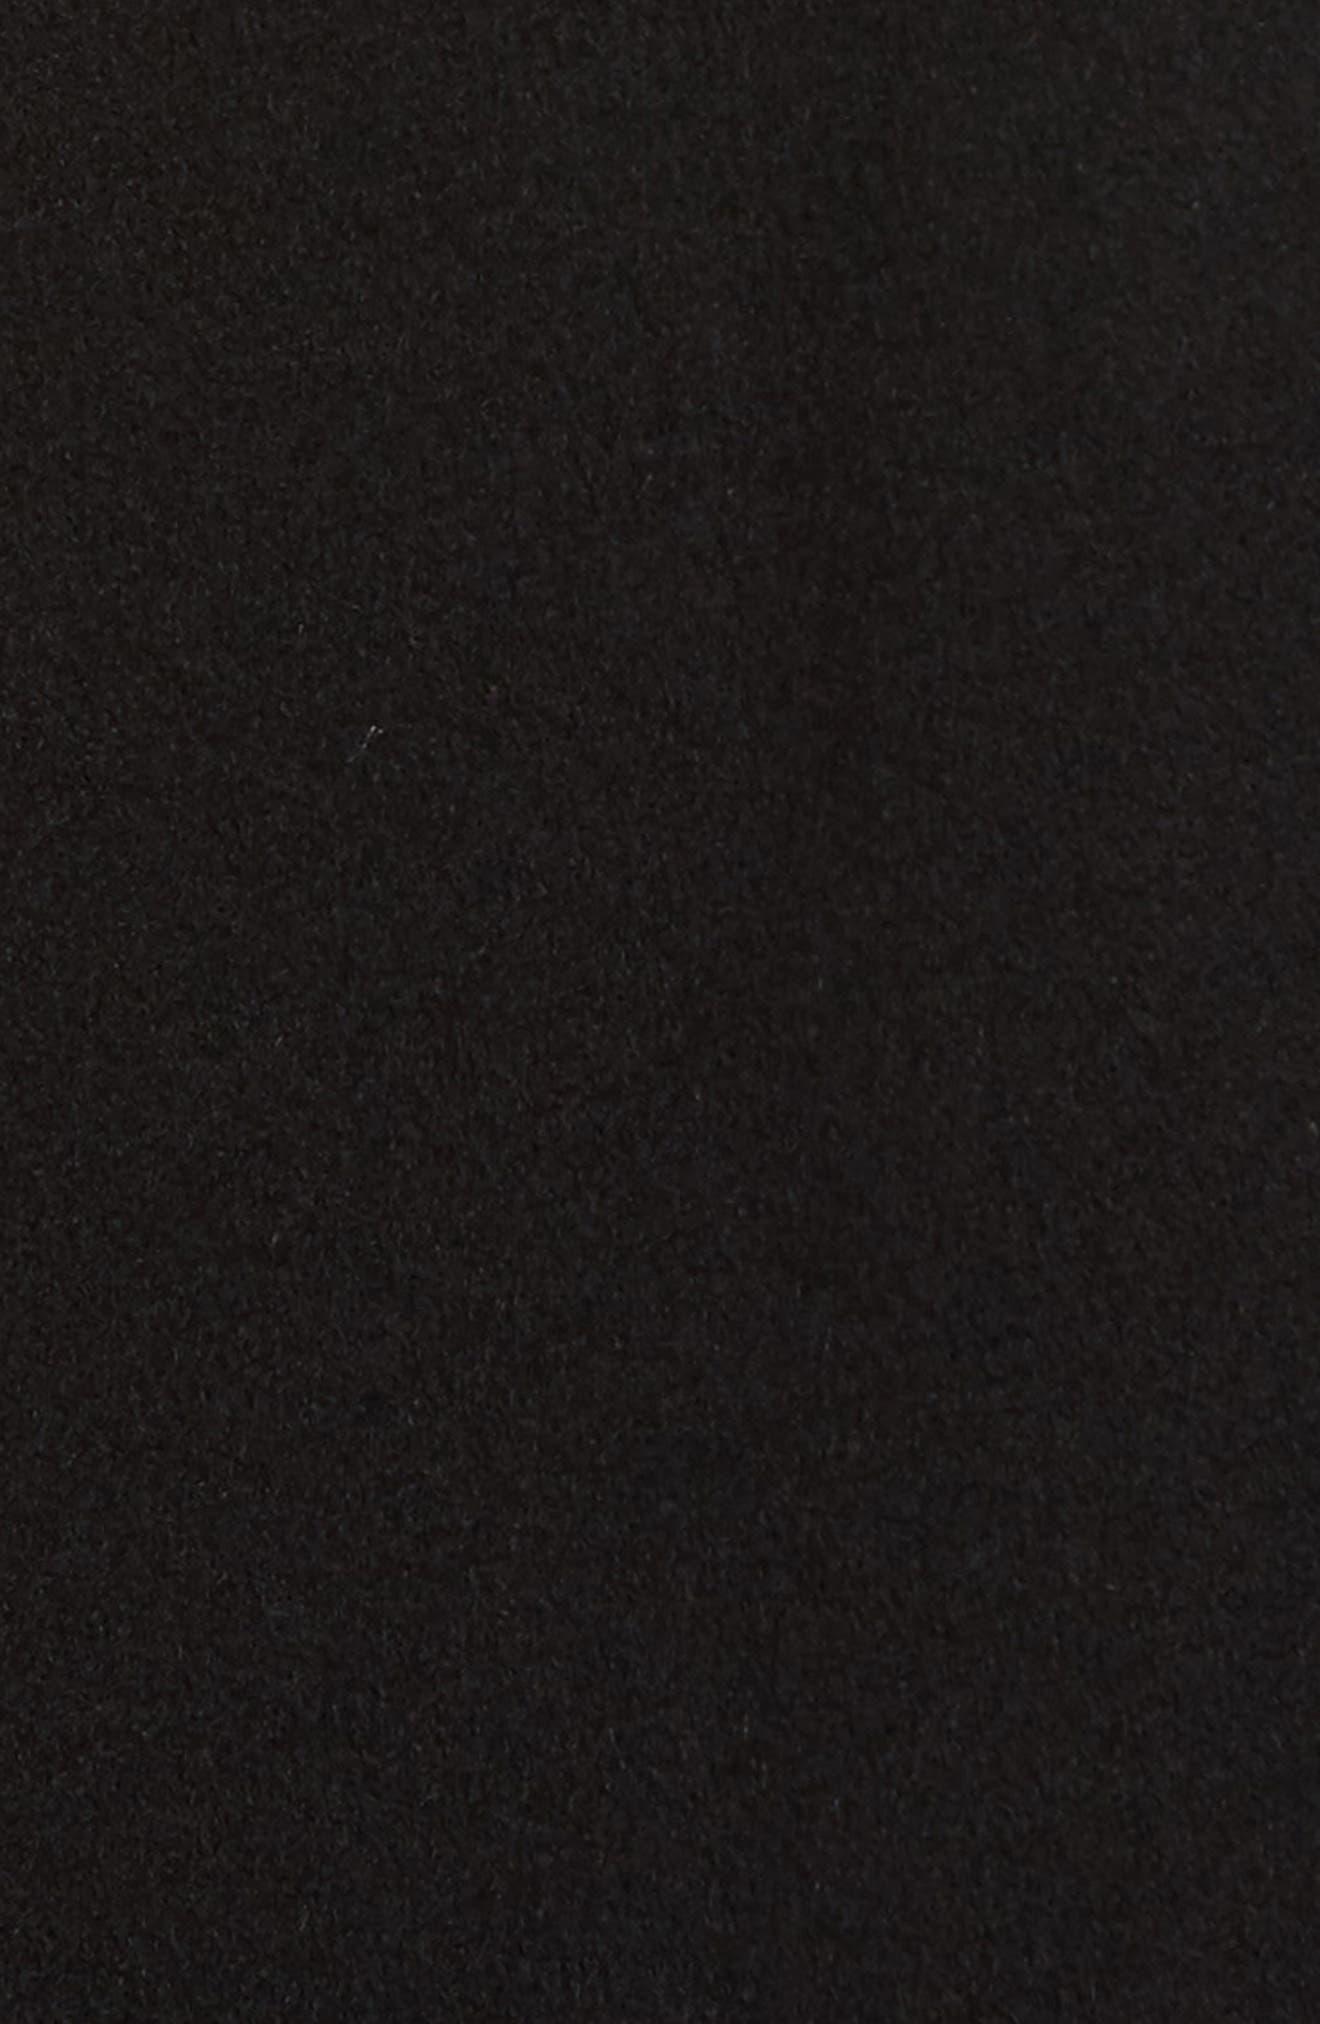 Cashmere Long Coat,                             Alternate thumbnail 6, color,                             001